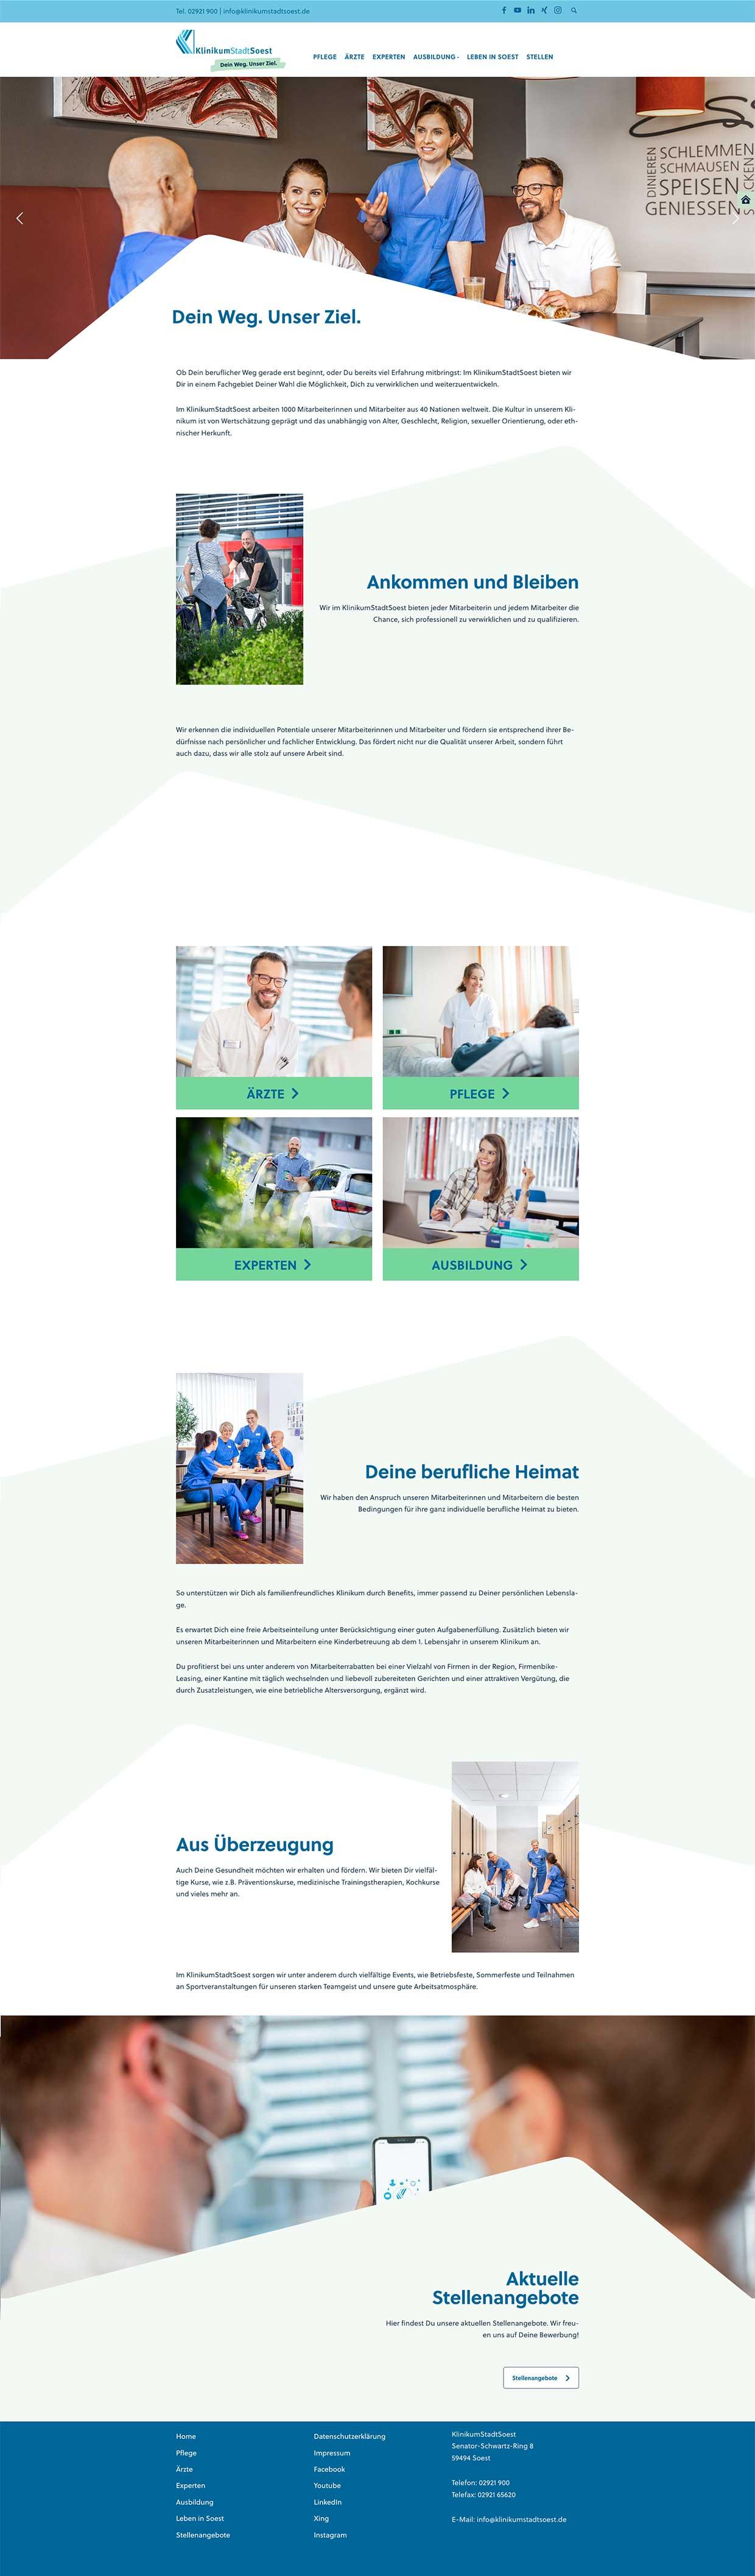 Startseite der Karrierewebsite für das Klinikum der Stadt Soest